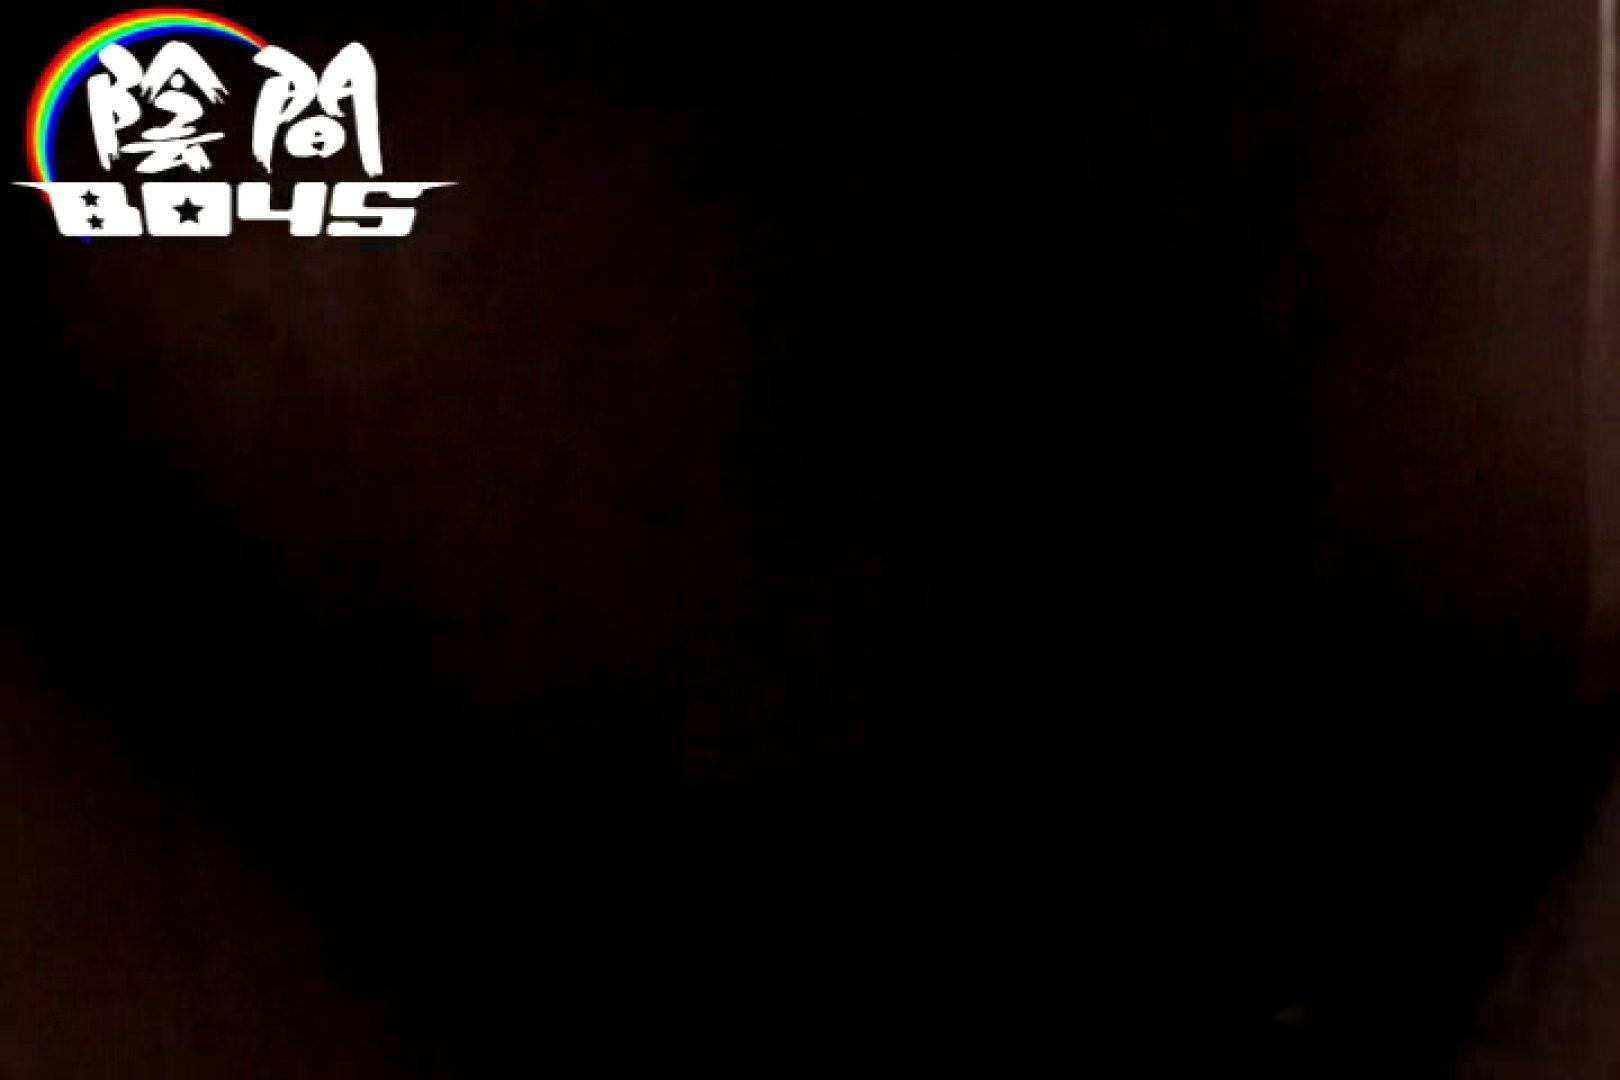 陰間BOYS~Mixed Hot-Guy~03 アナル責め ゲイ発射もろ画像 62枚 21